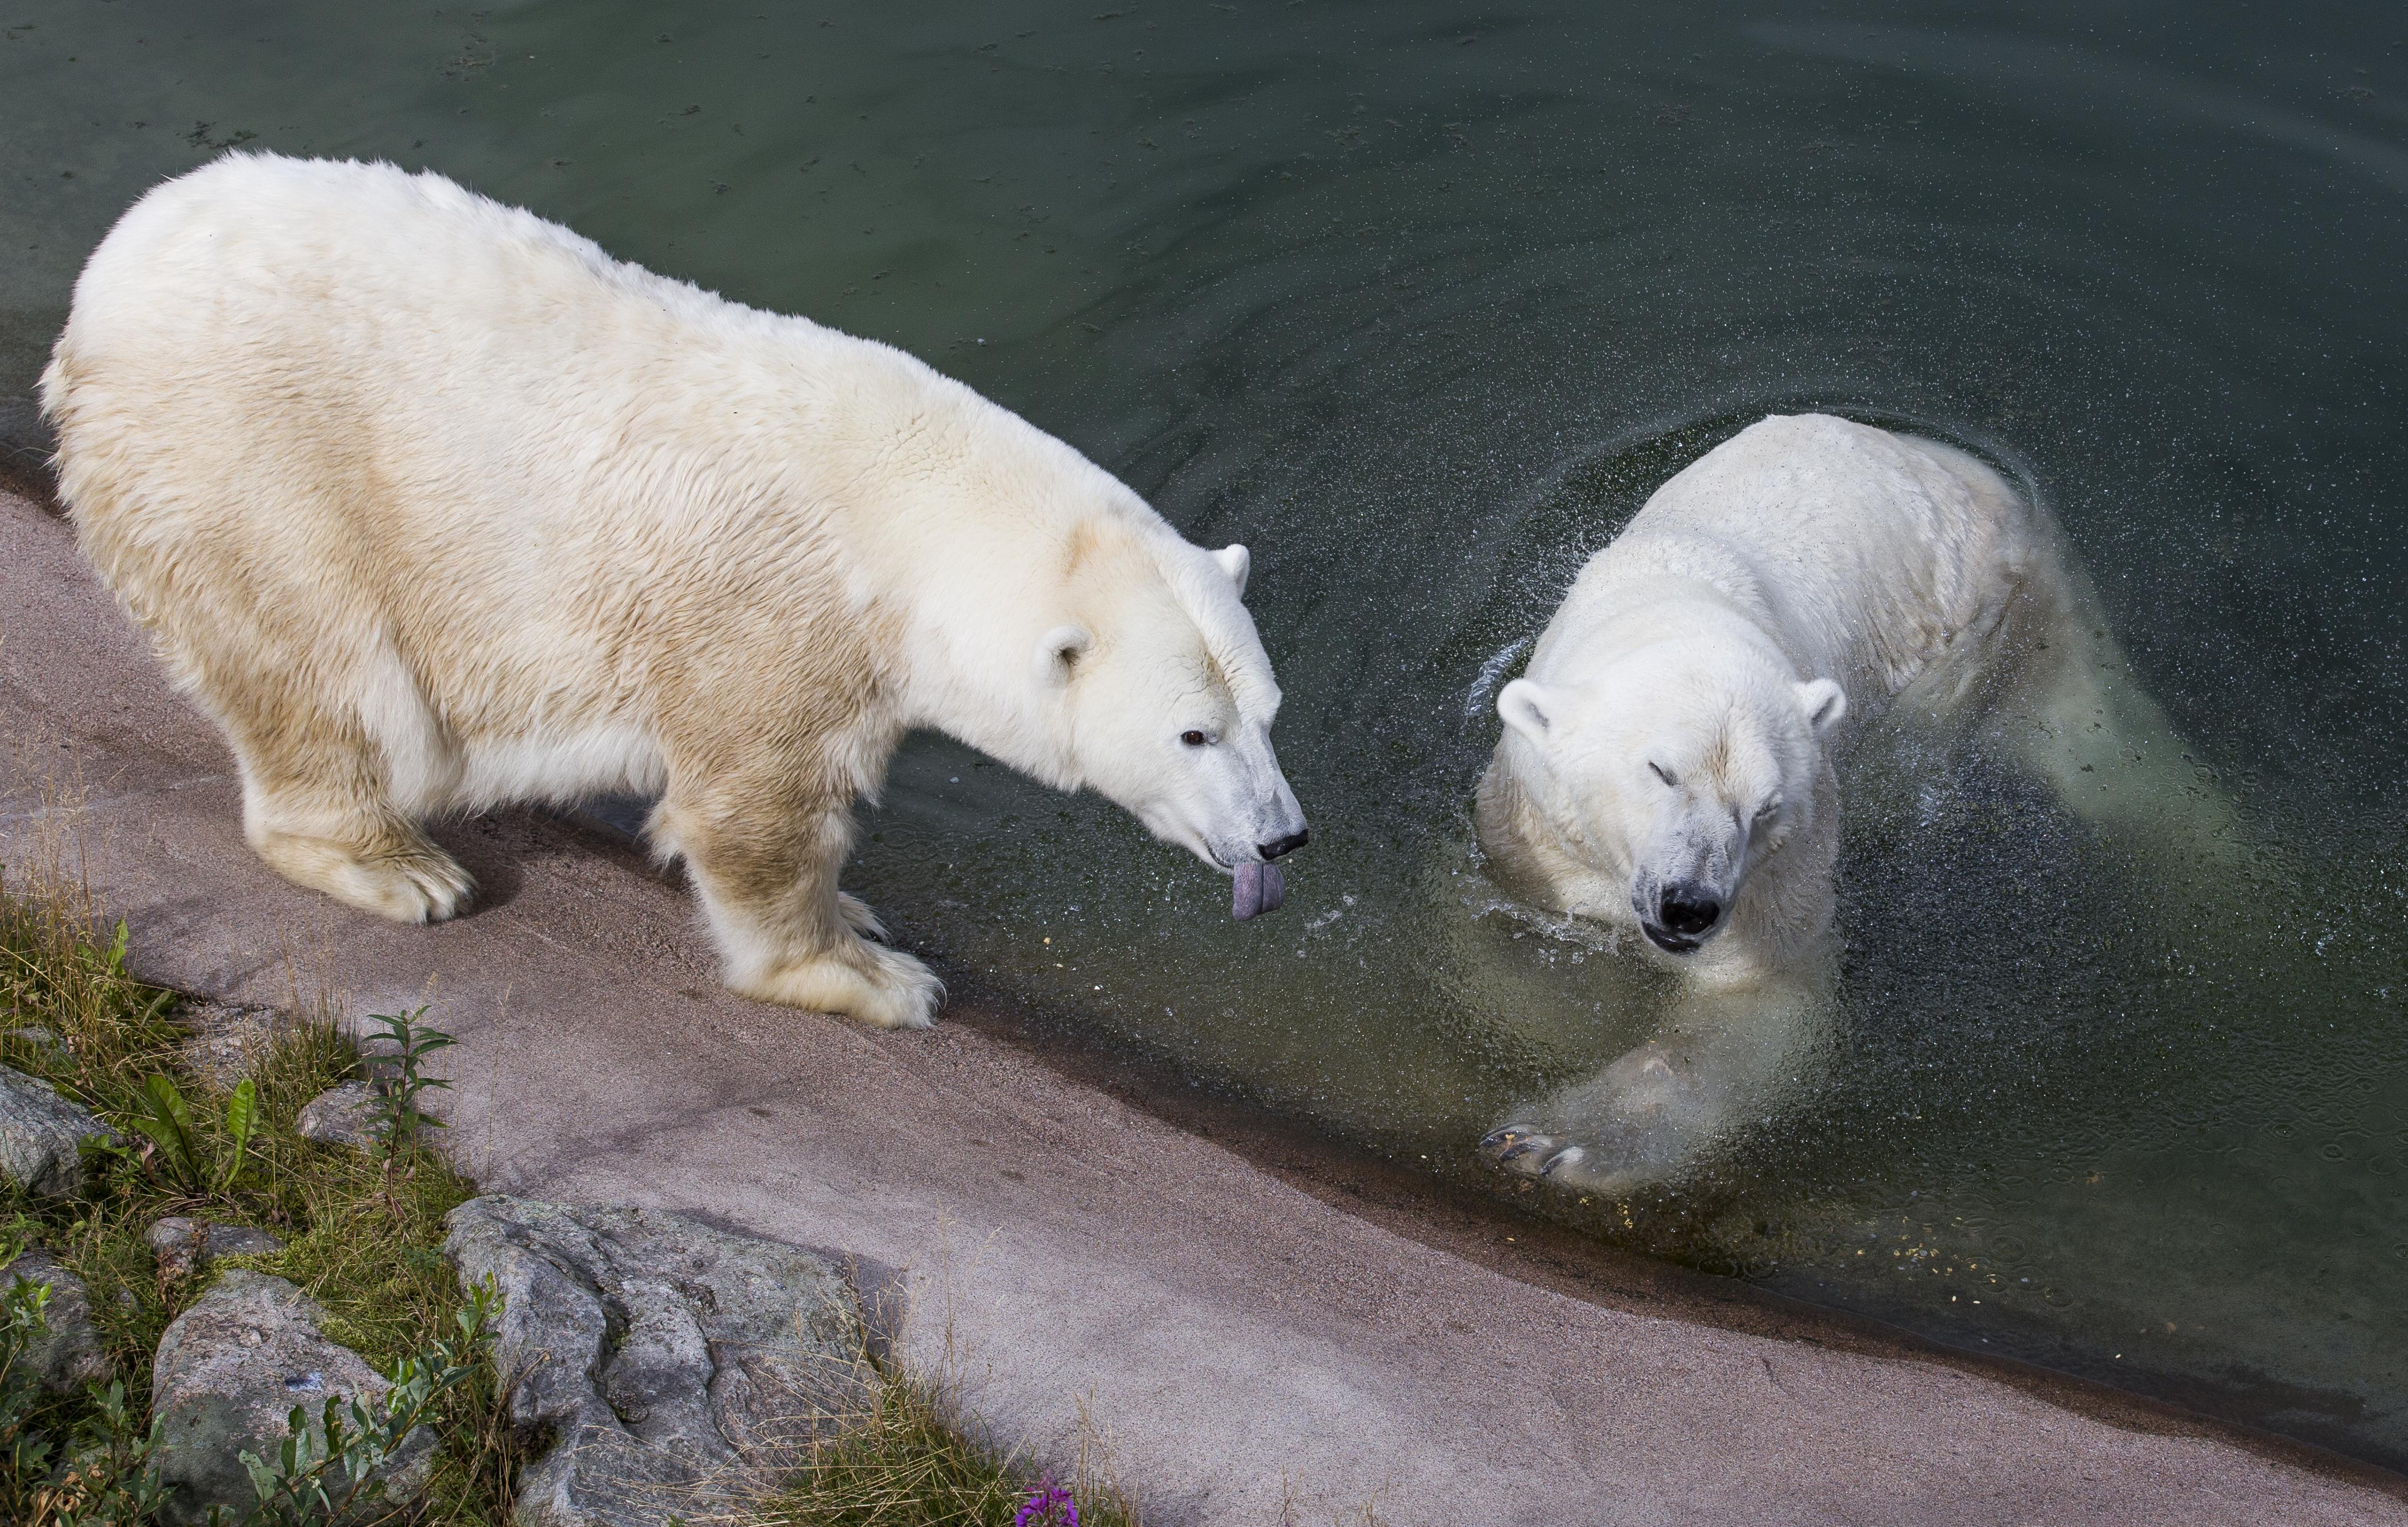 Visitar el zoológico que se encuentra más al norte del planeta - Finlandia Circuito Laponia e Iso-Syöte